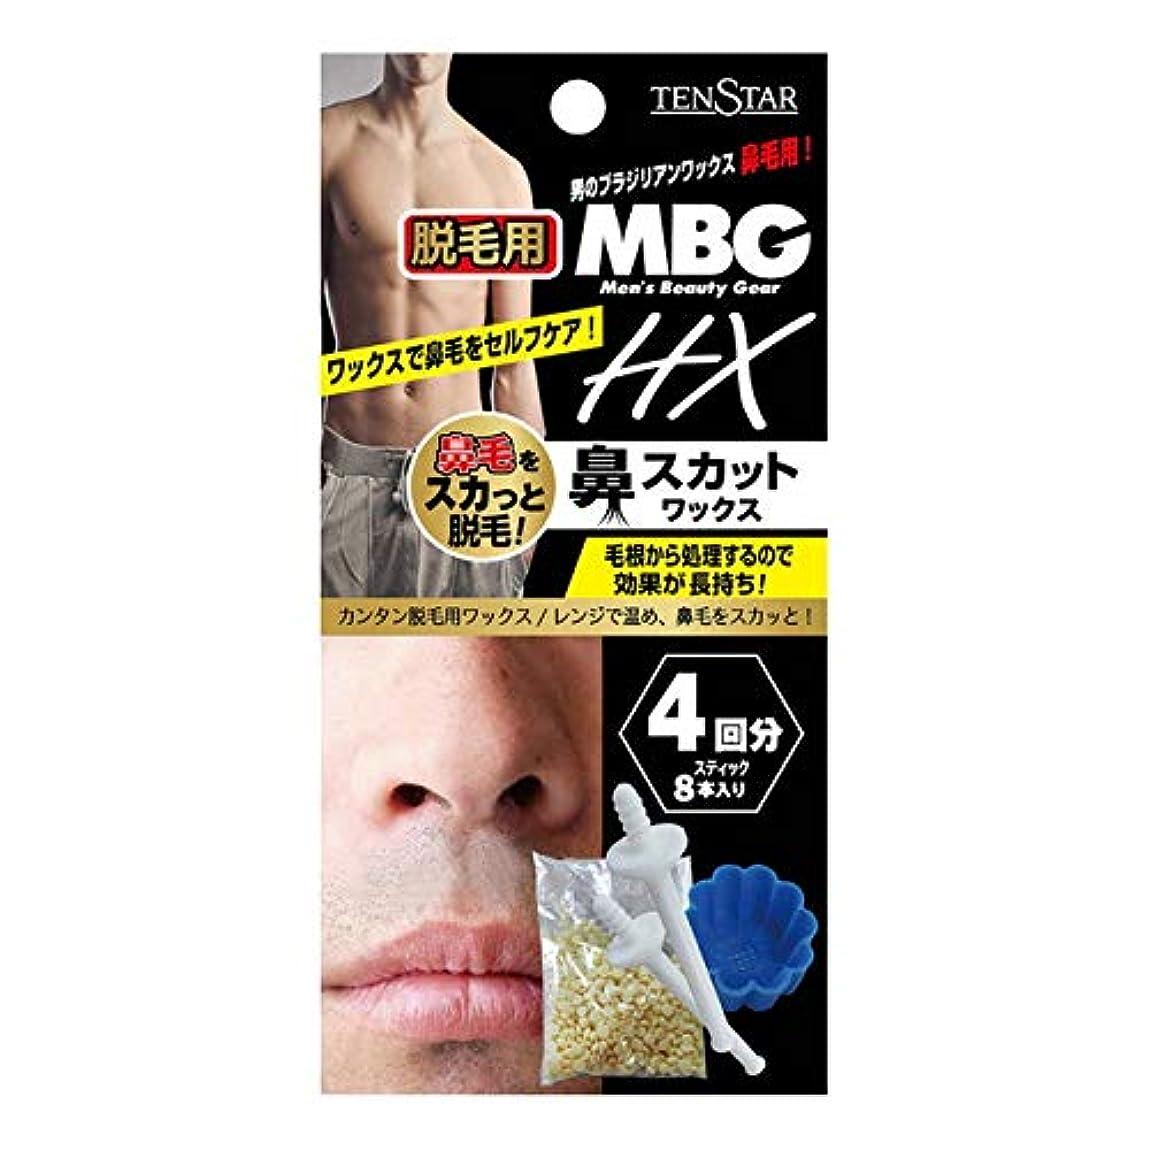 広告する別のキャラクターMBG2-29 MBG HX鼻スカットワックス 20g